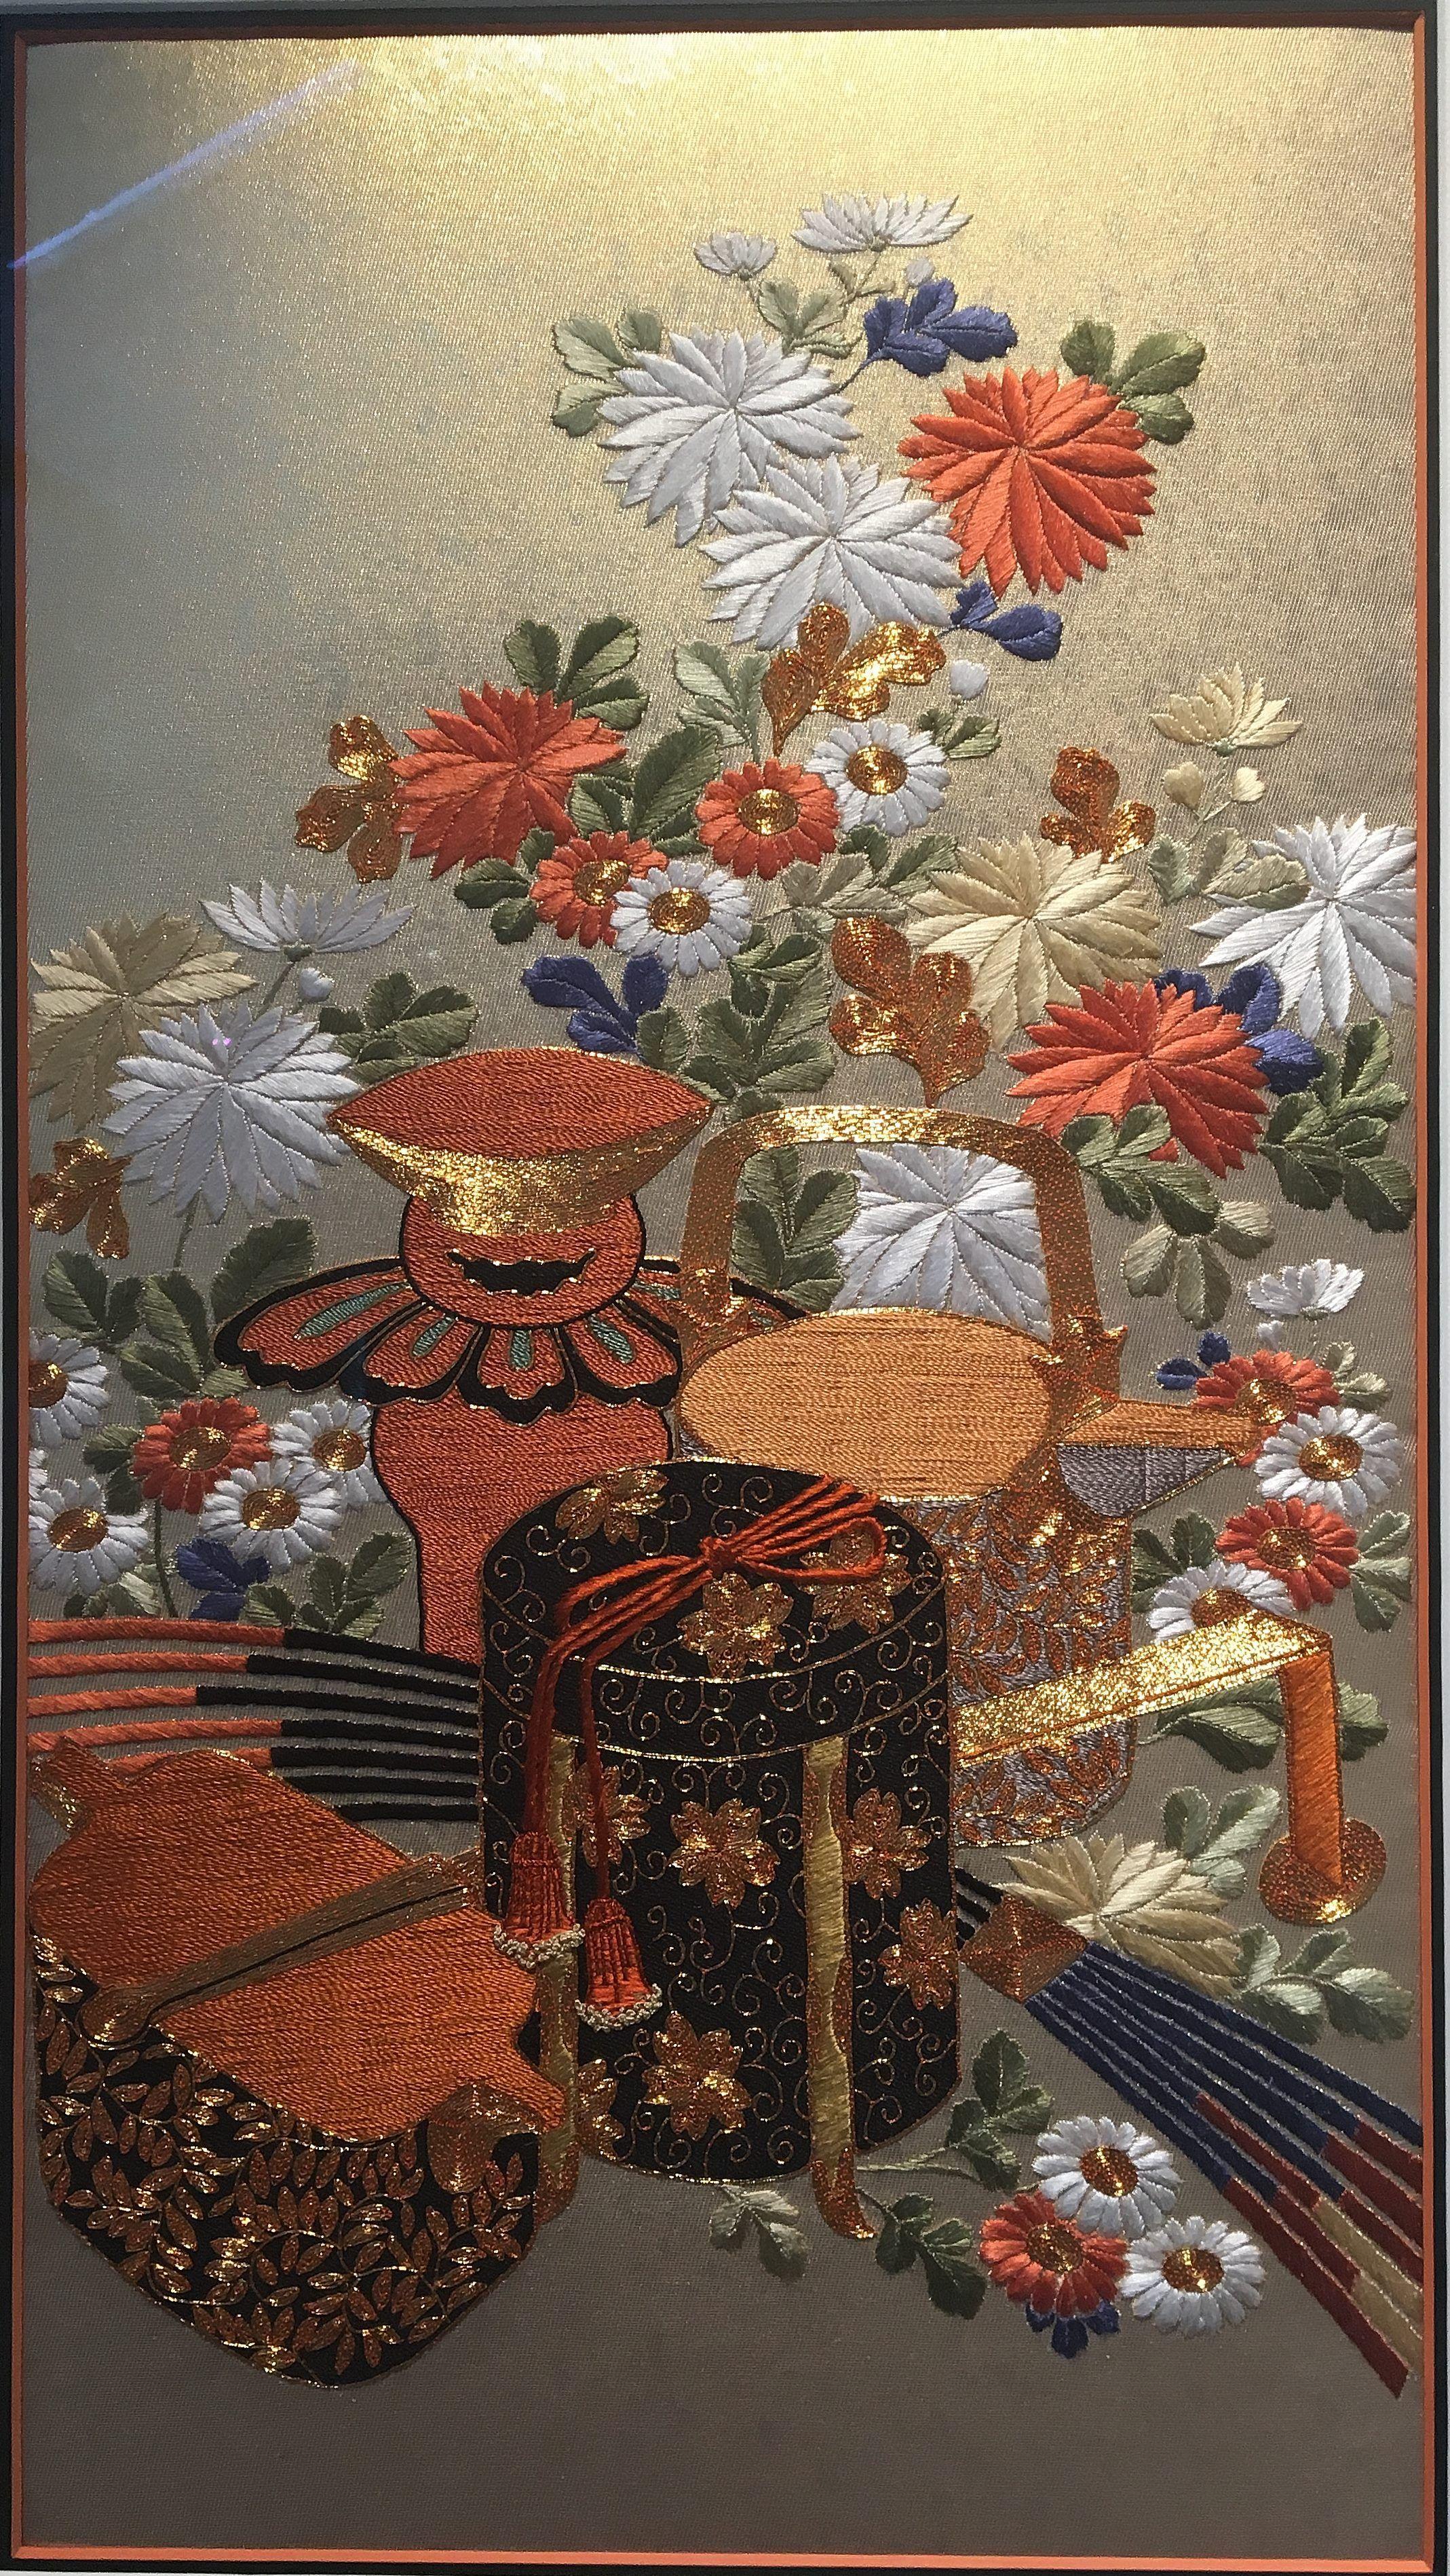 K. Patel, Sake Box Japanese Embroidery